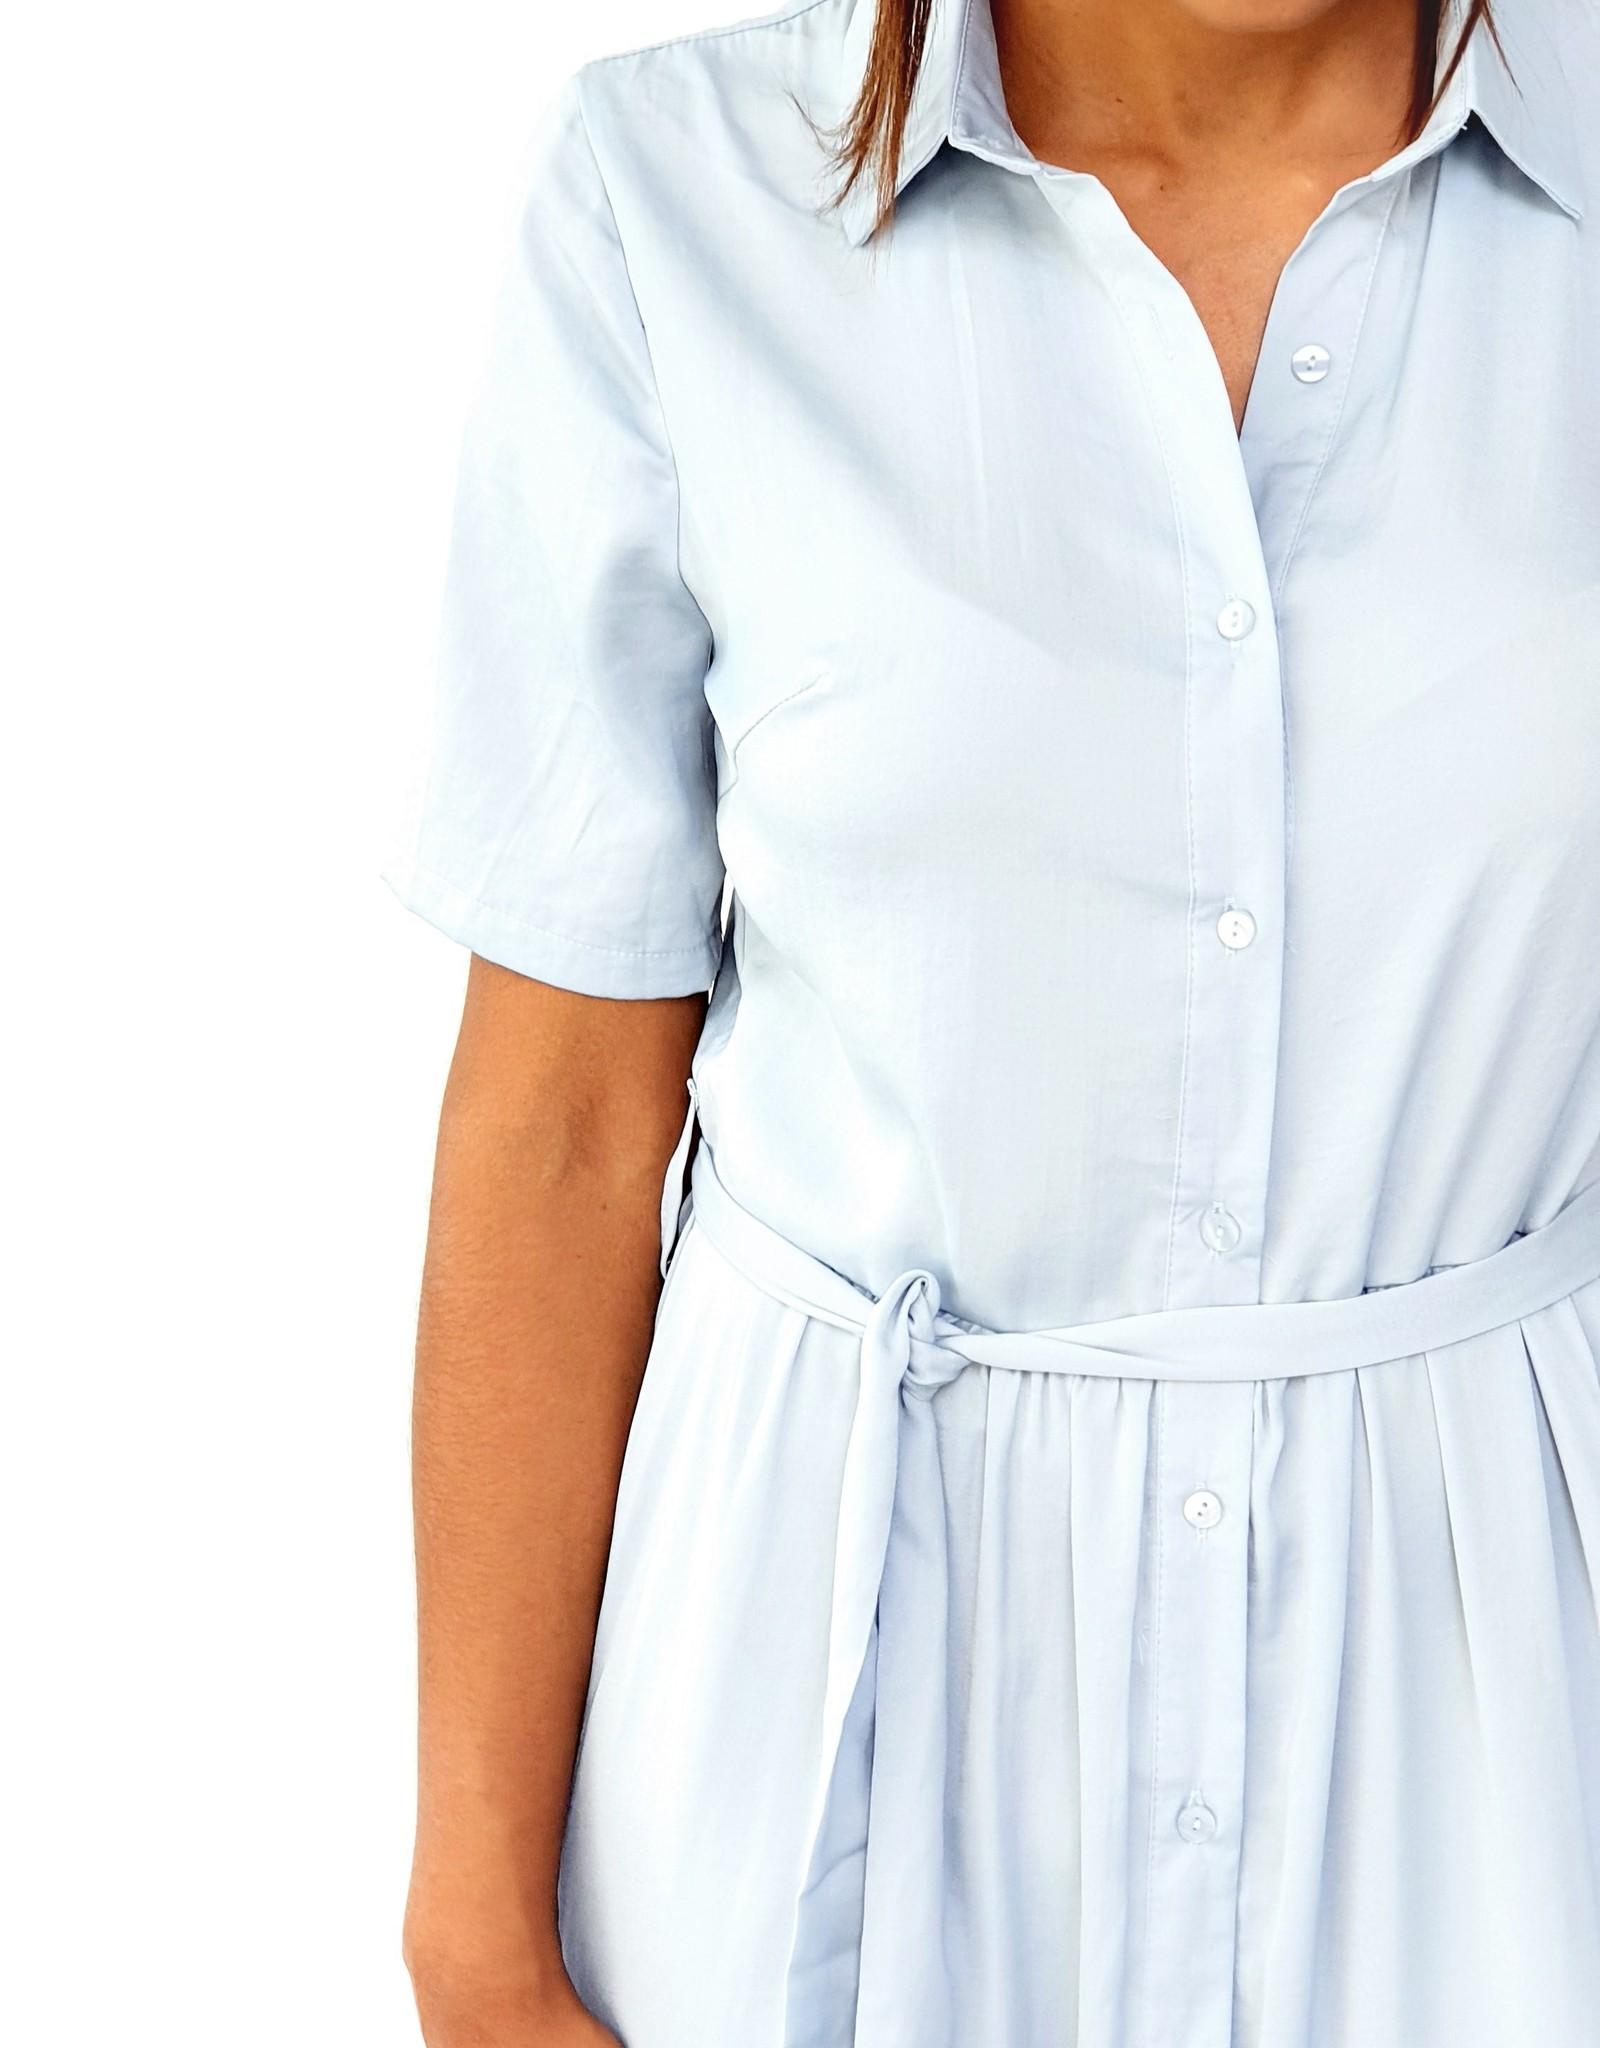 Thé soft blue dress